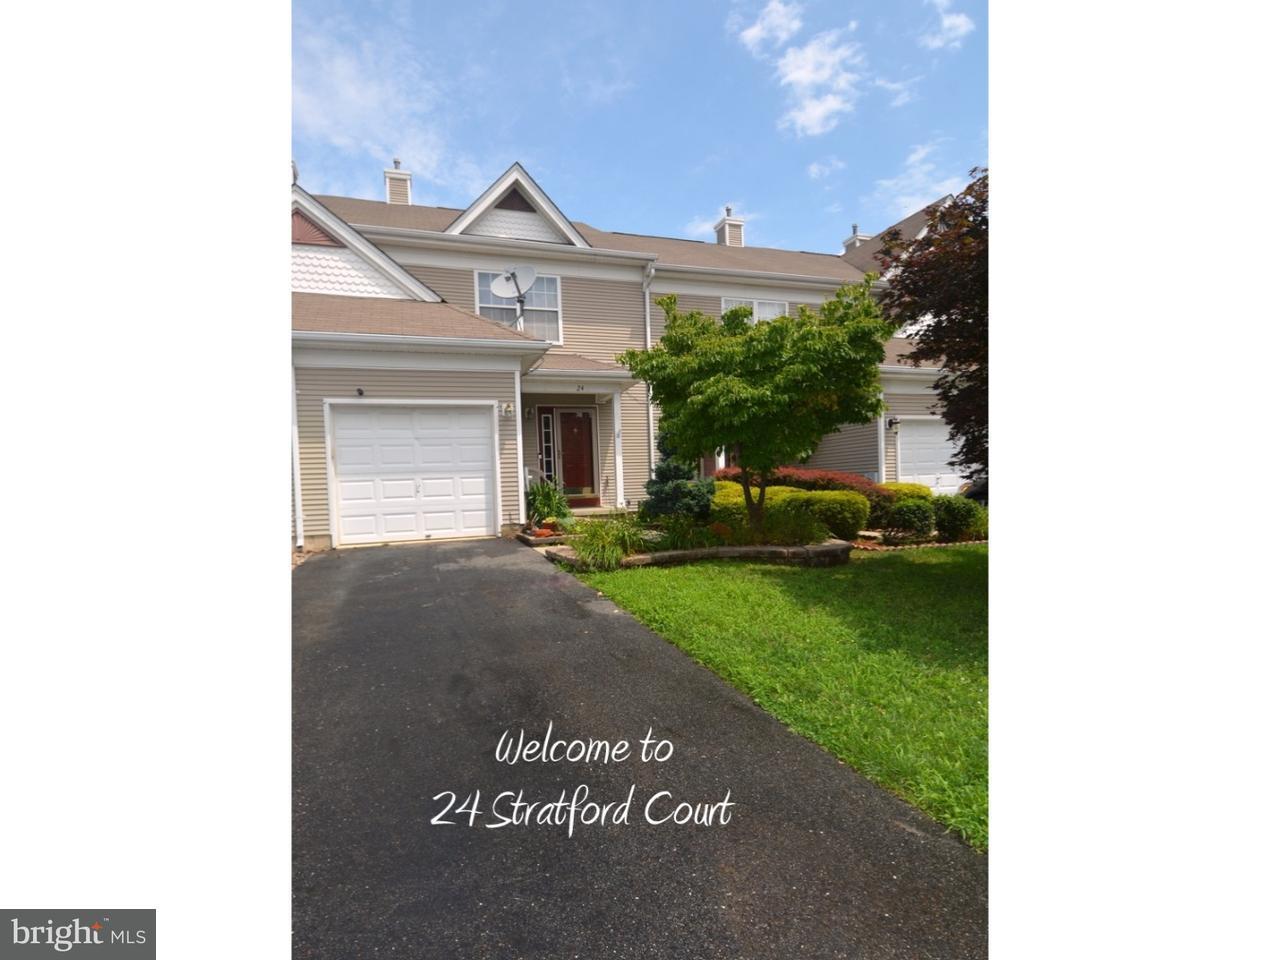 Casa unifamiliar adosada (Townhouse) por un Alquiler en 24 STRATFORD Court Burlington, Nueva Jersey 08016 Estados Unidos